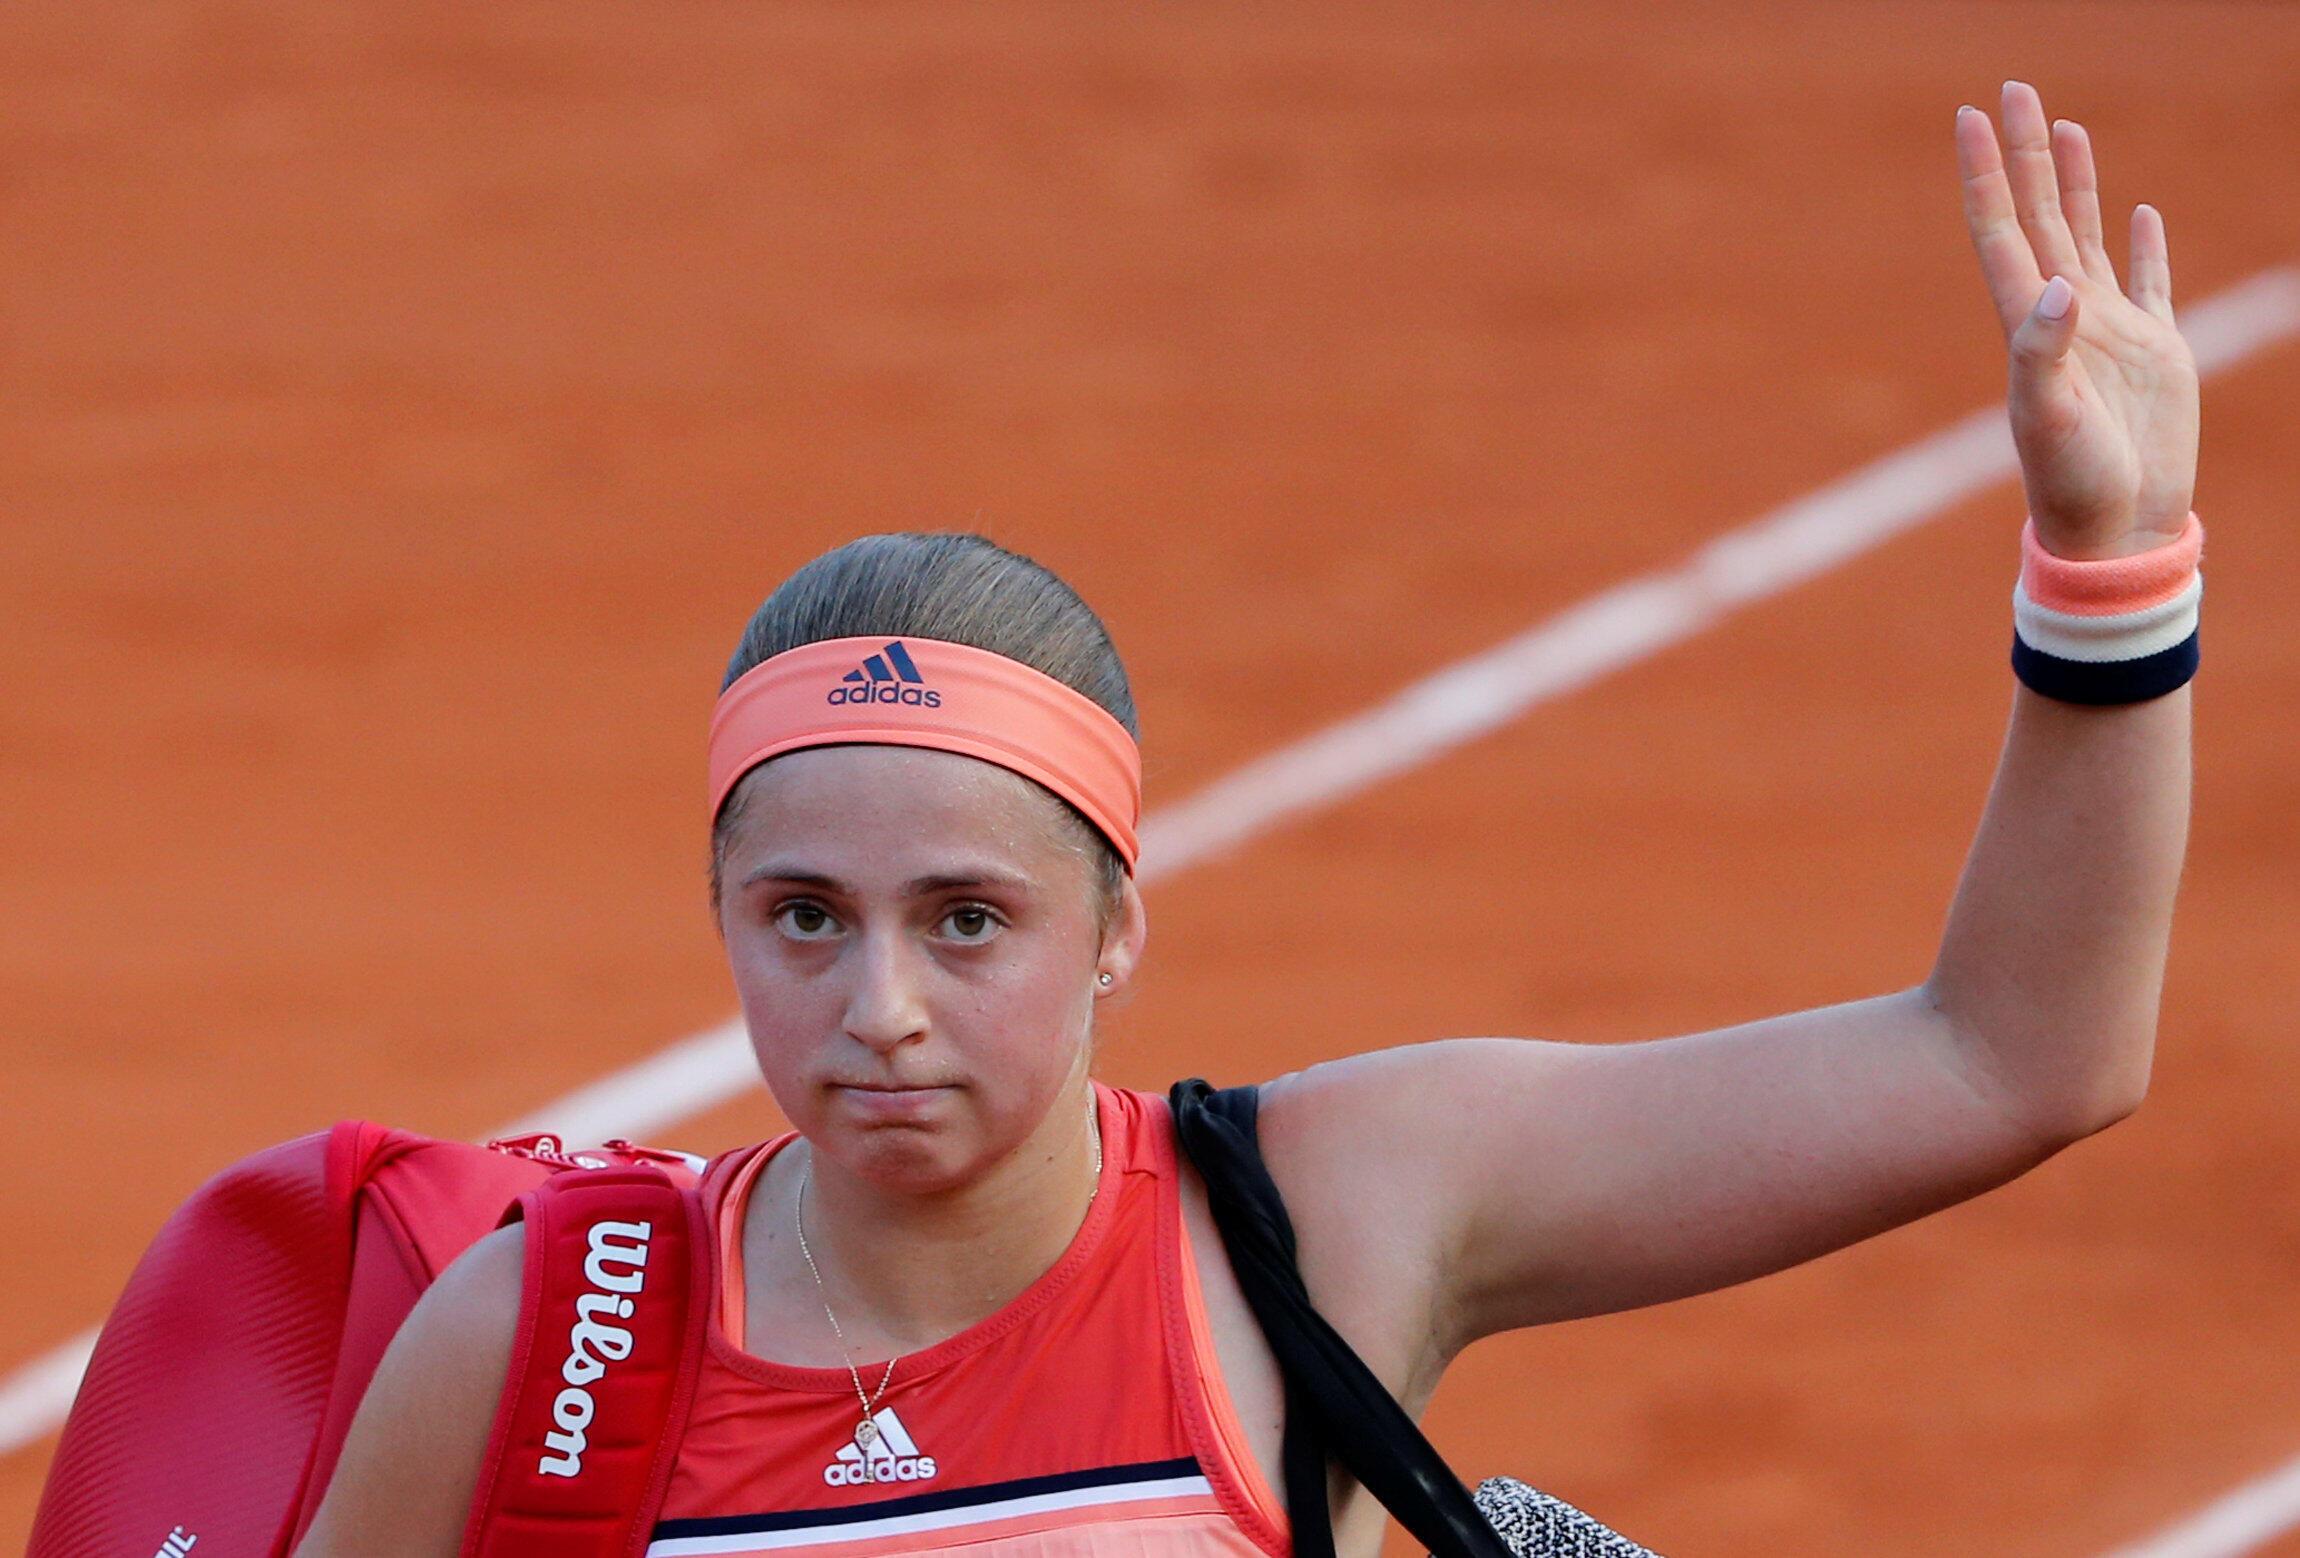 La campeona defensora Jelena Ostapenko se inclina en la primera ronda del Roland Garros 2018.